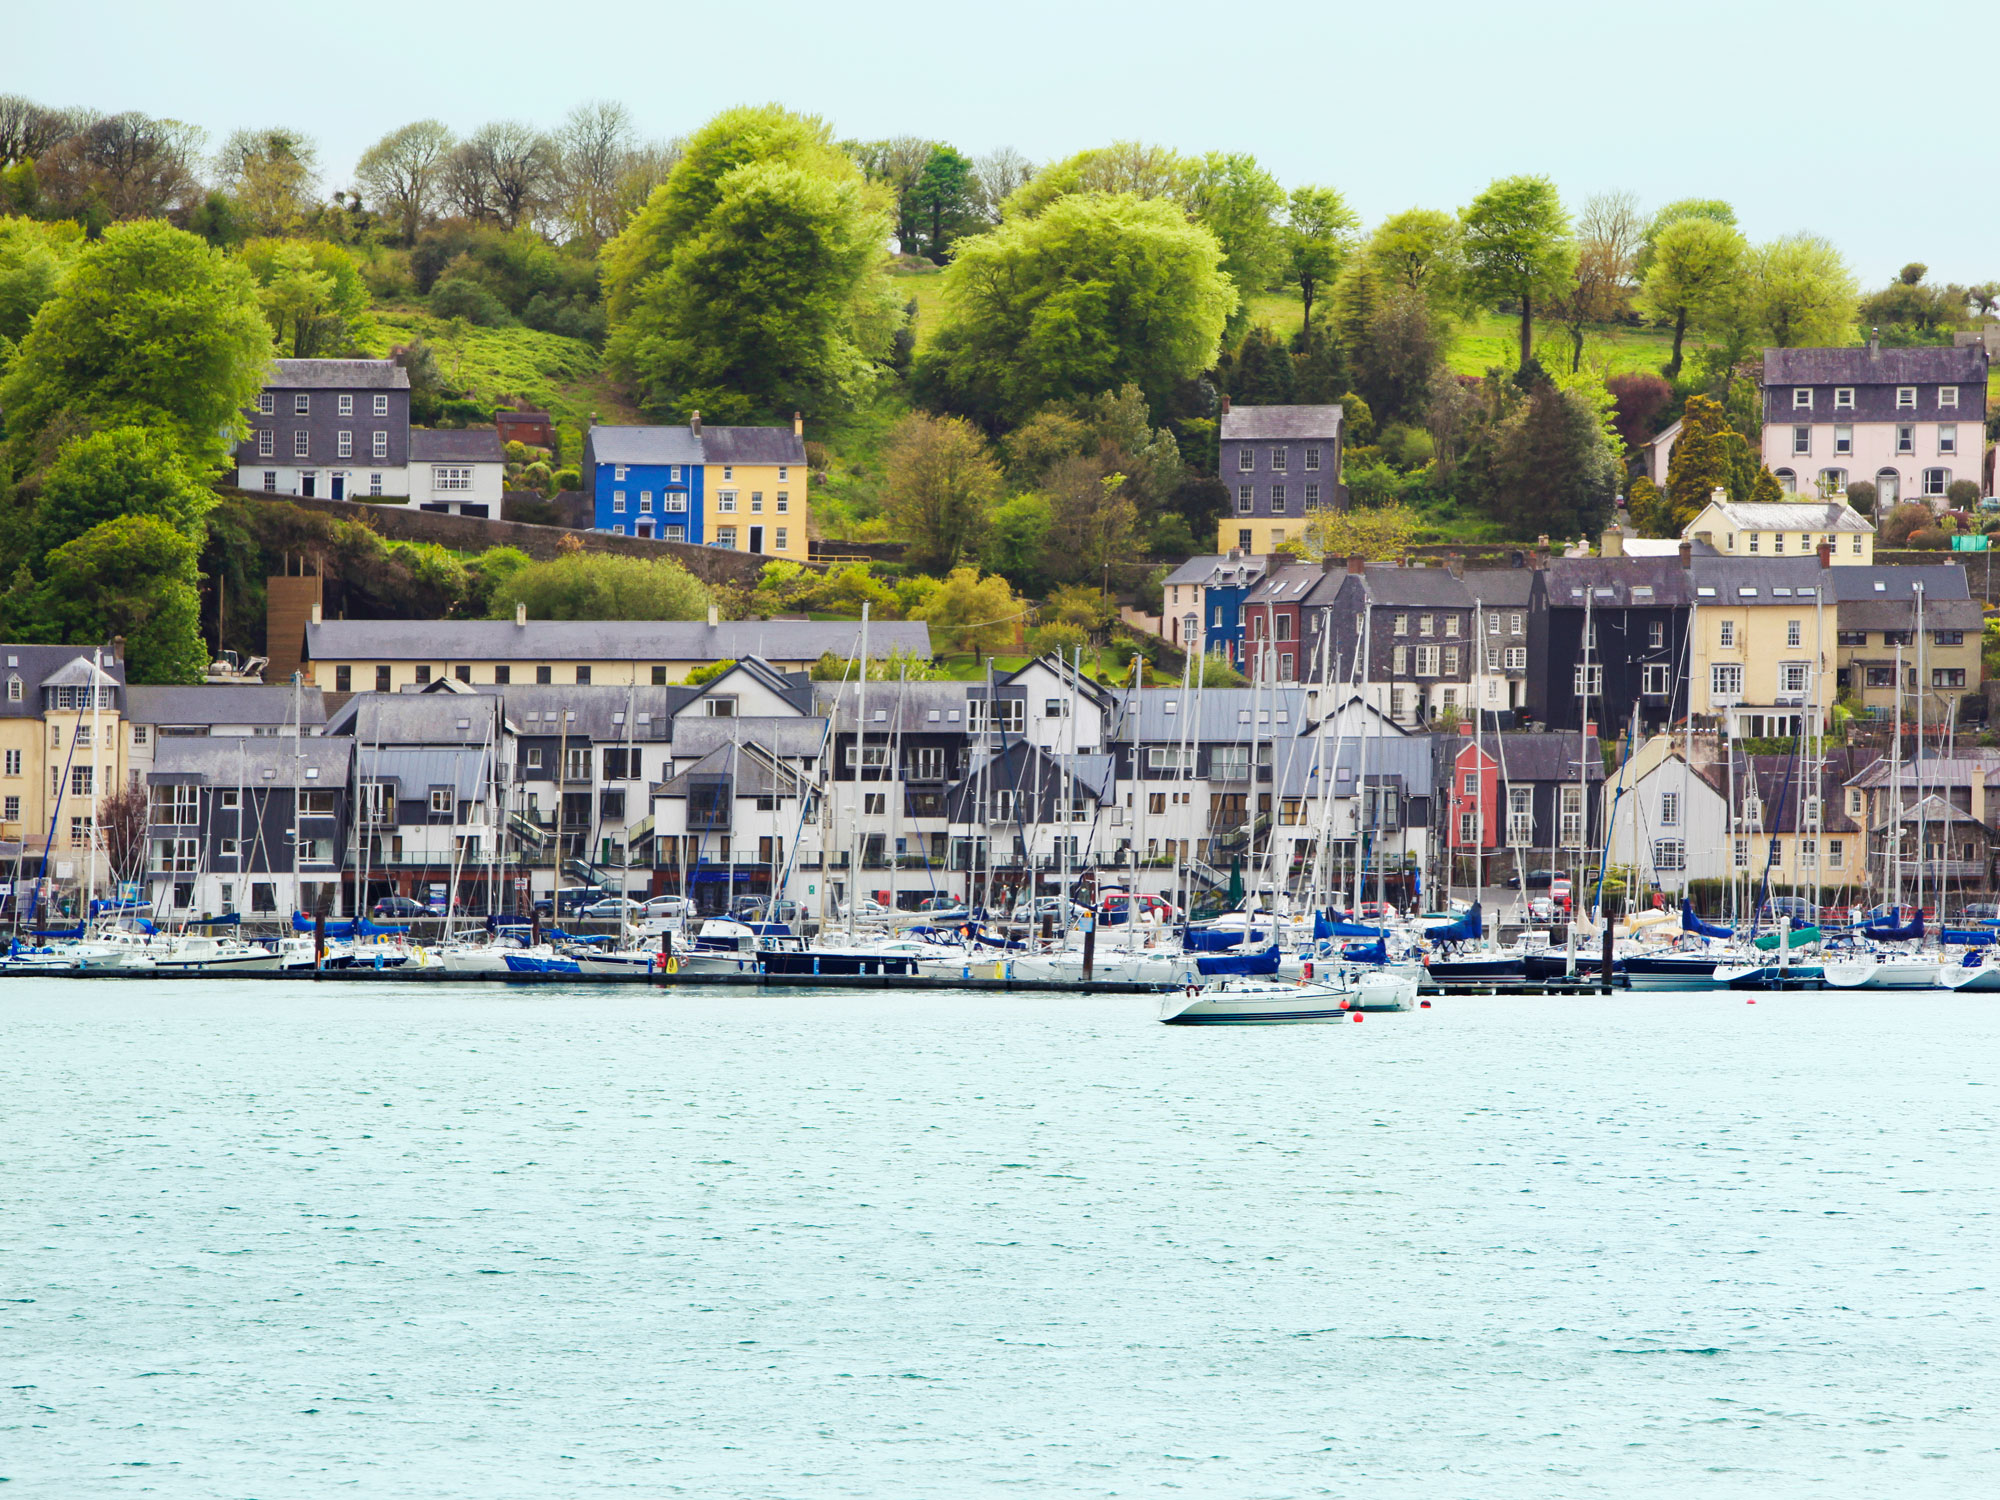 Harbor in Cork, Ireland.